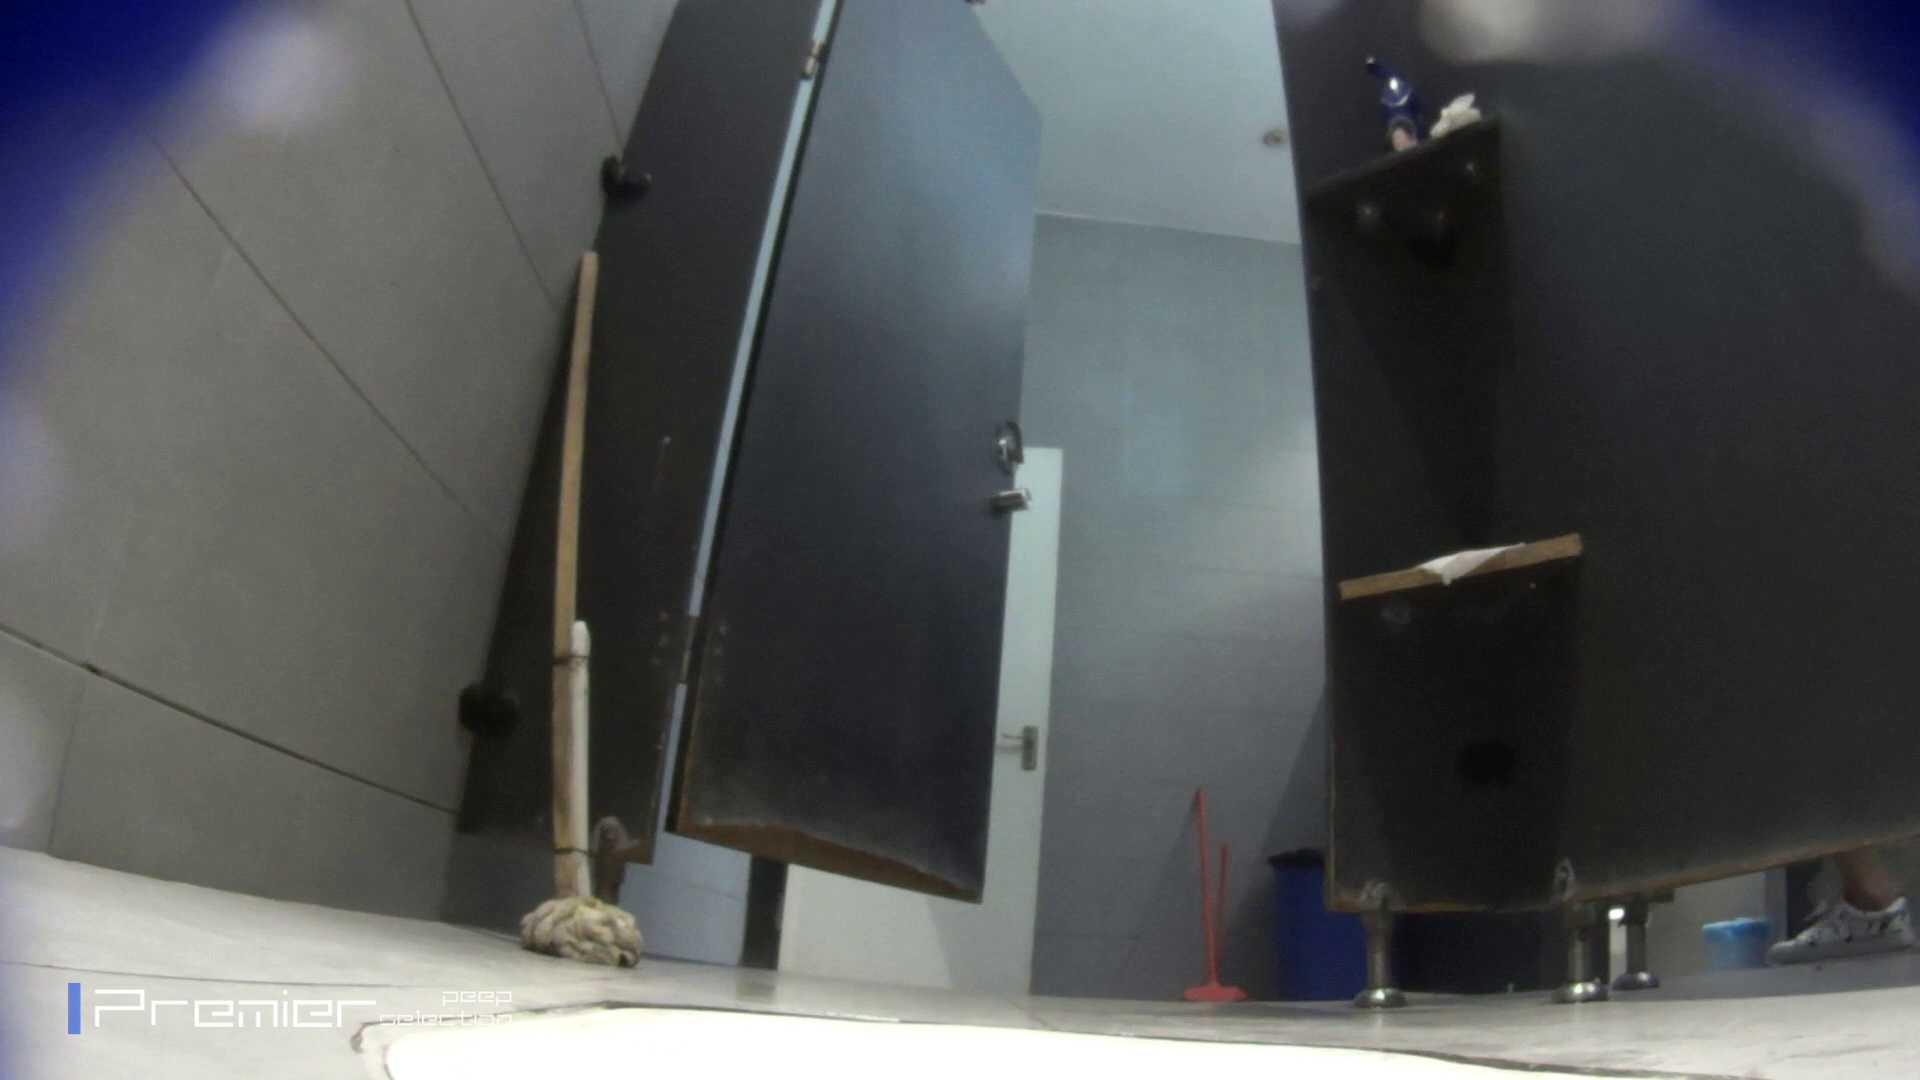 個室のドアを開けたまま放nyoする乙女 大学休憩時間の洗面所事情85 美肌 エロ画像 88枚 42